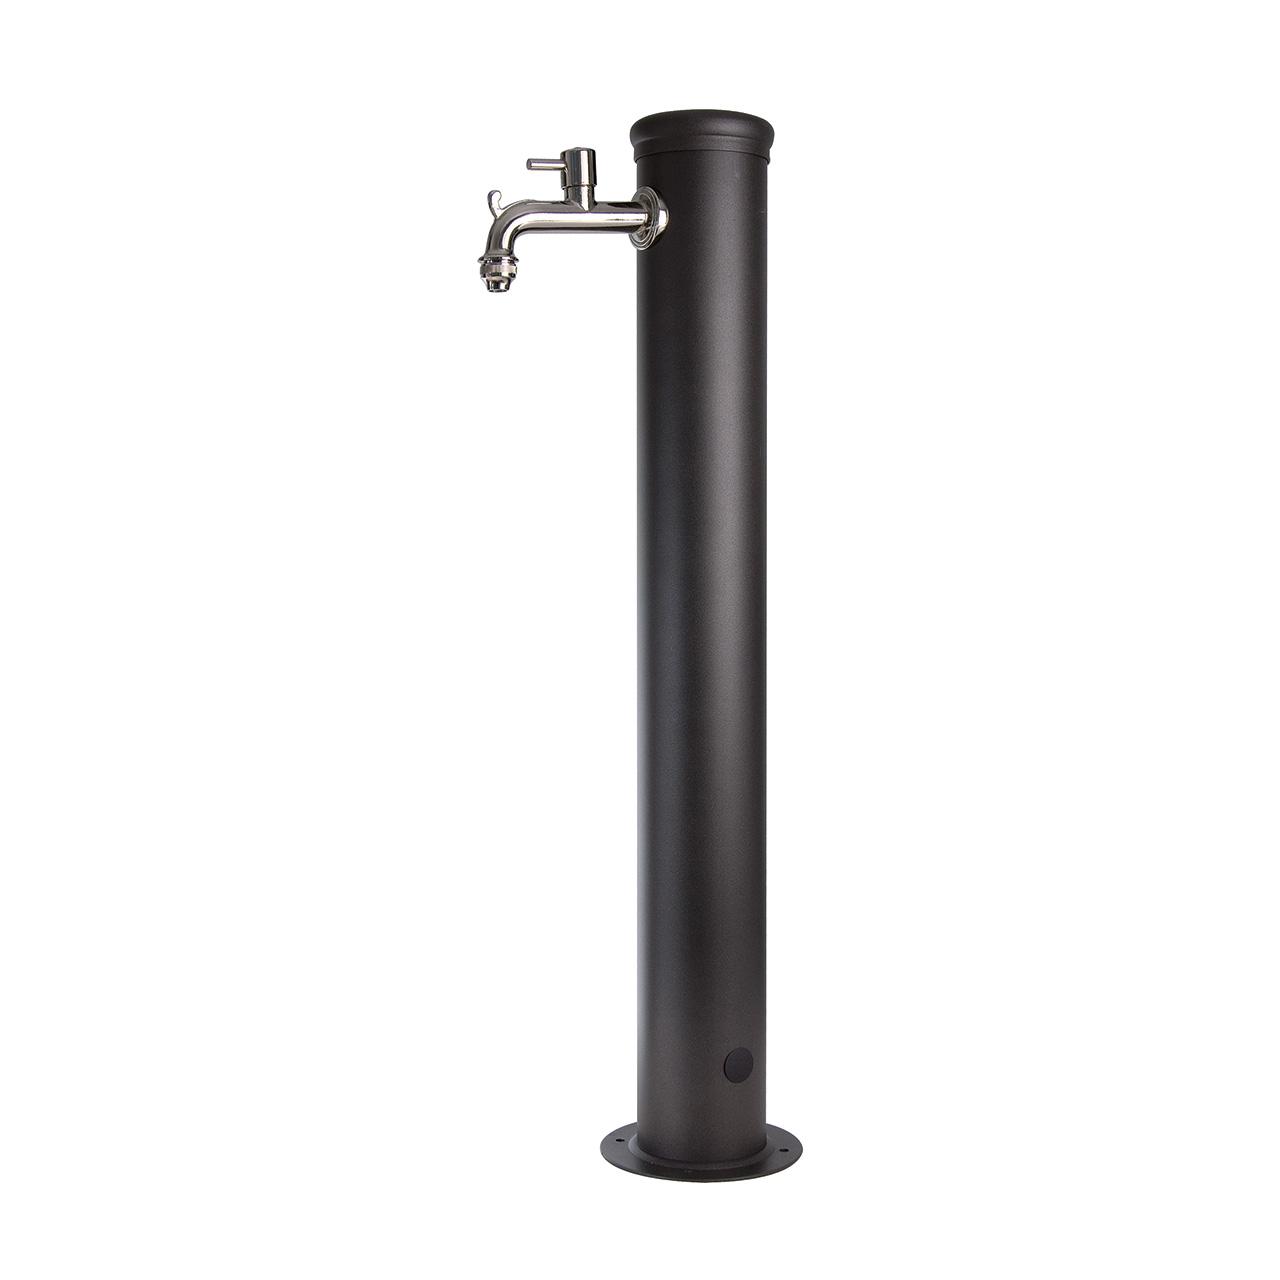 Fontana in ferro con impianto e rubinetto